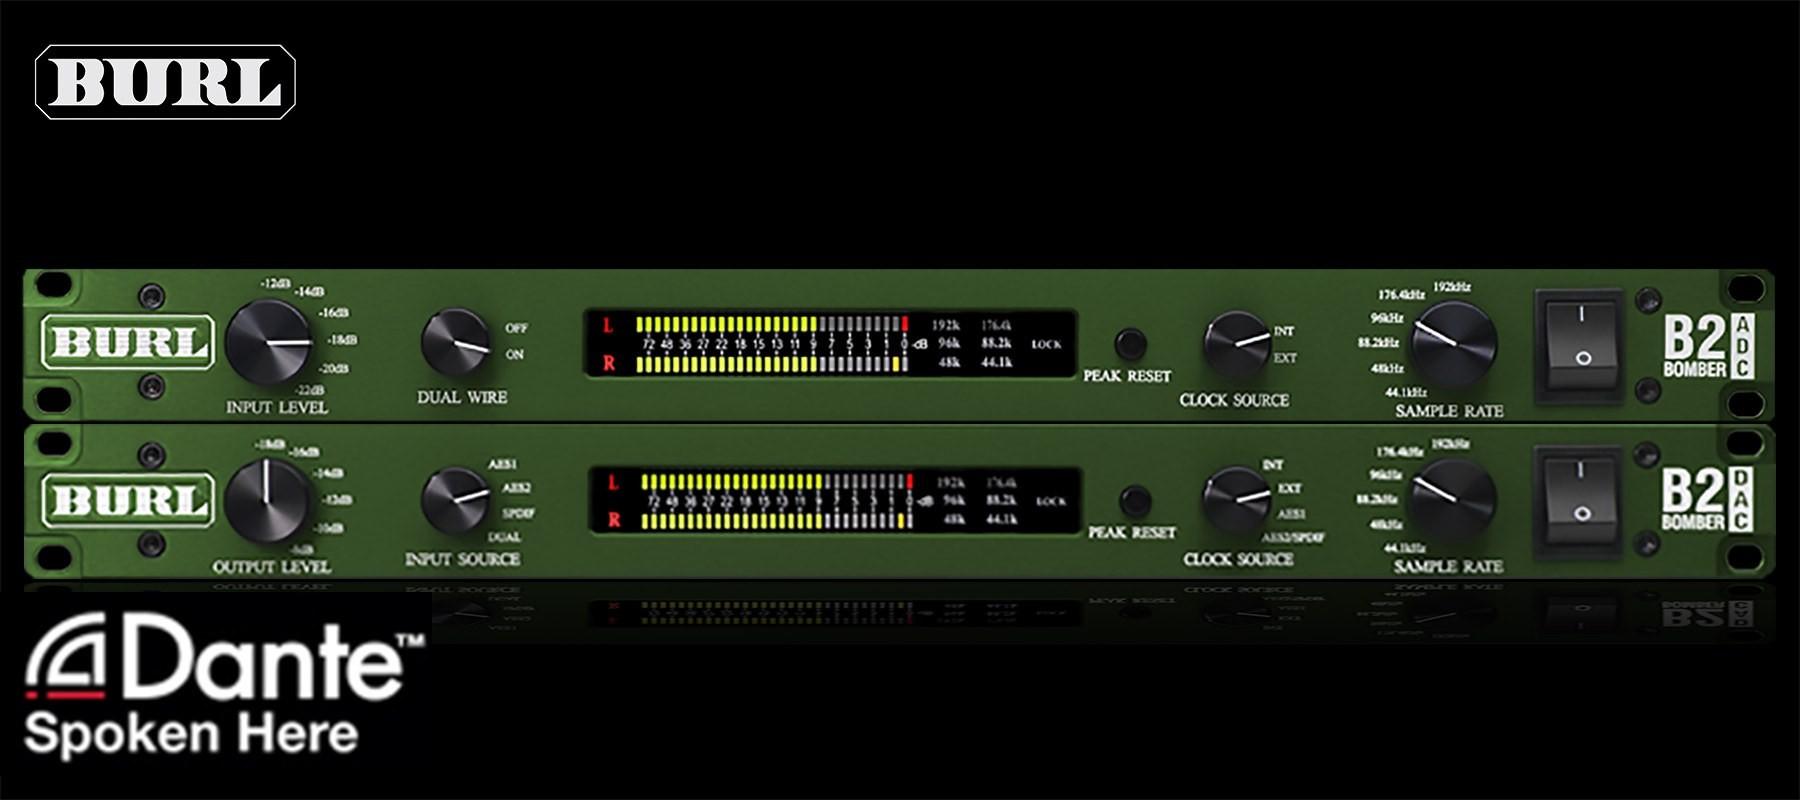 Burl B2 ADC-DAC Dante Bundle